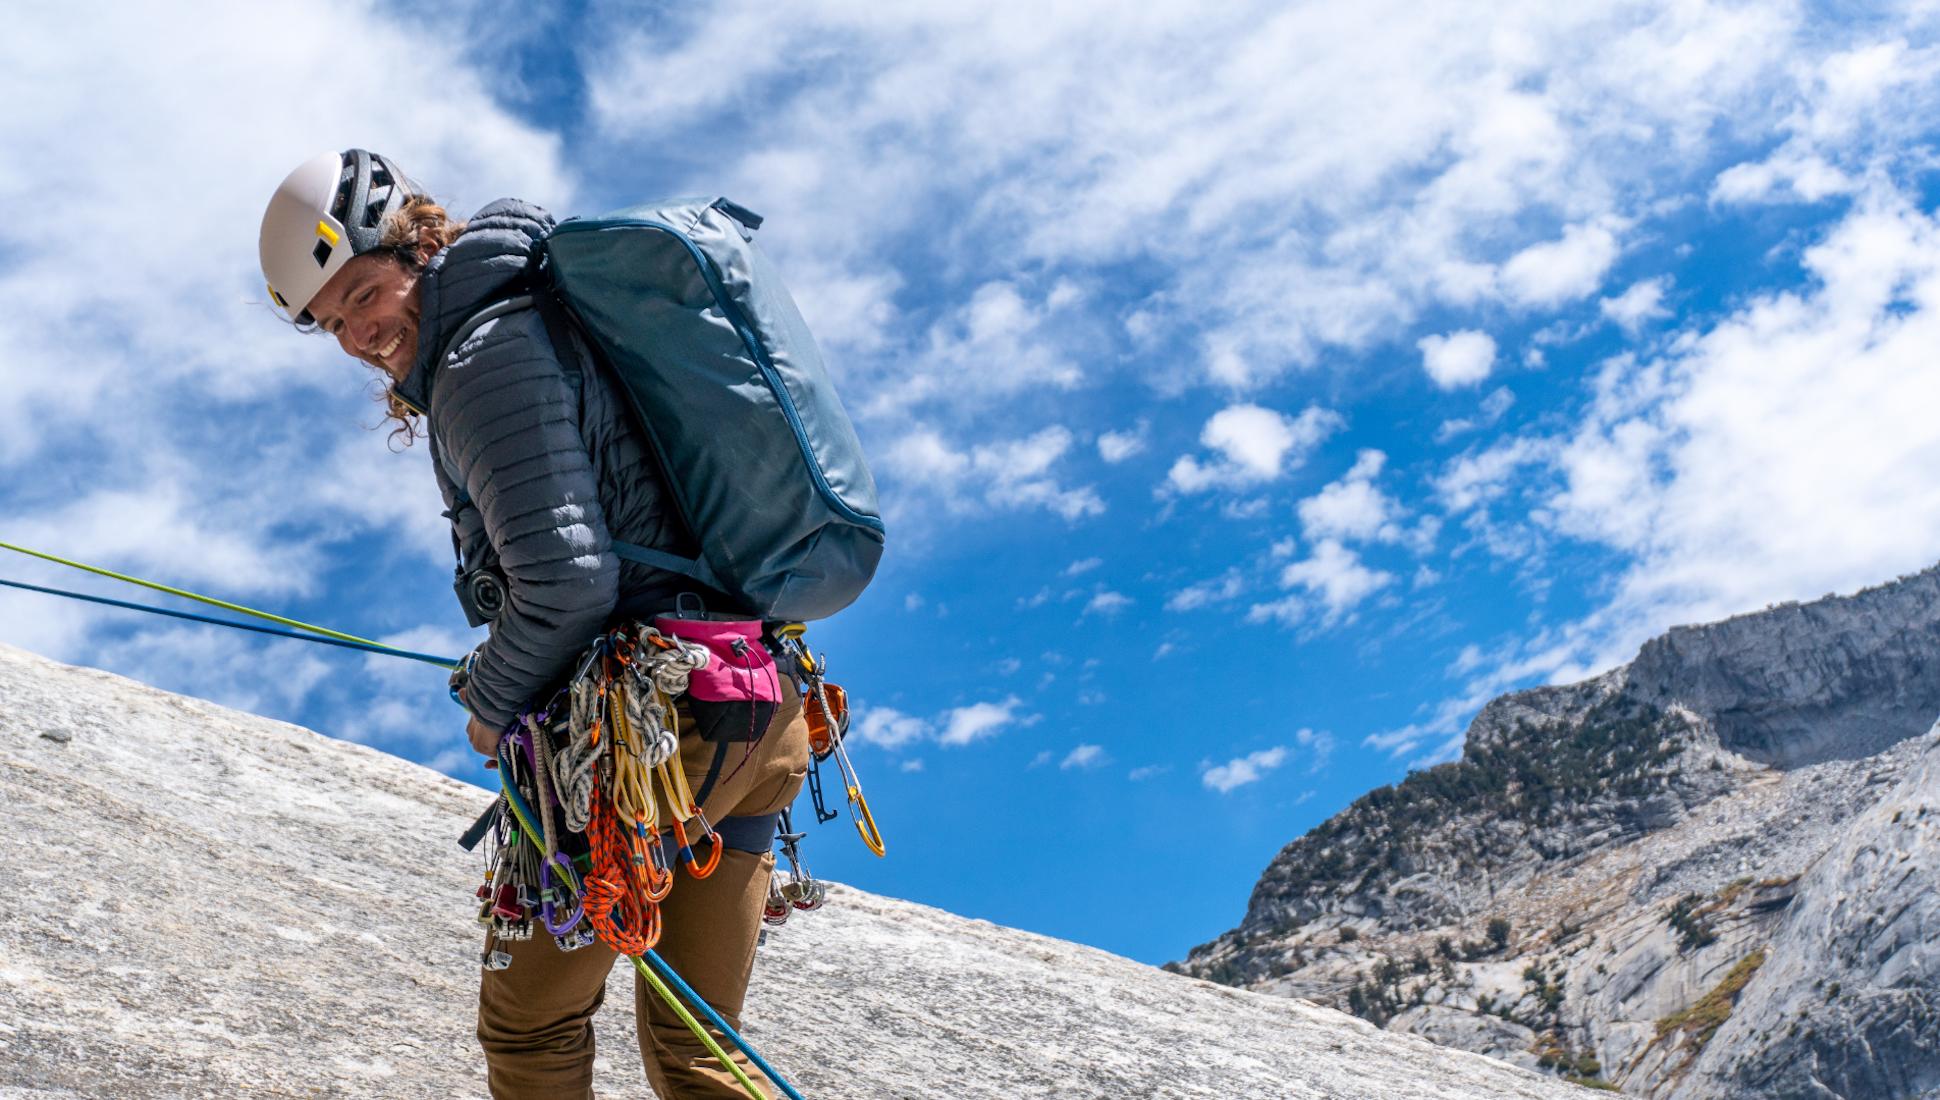 üppiges Design sehr schön Shop für neueste Outbound Reviewed: Mammut Neon Smart Climbing Pack